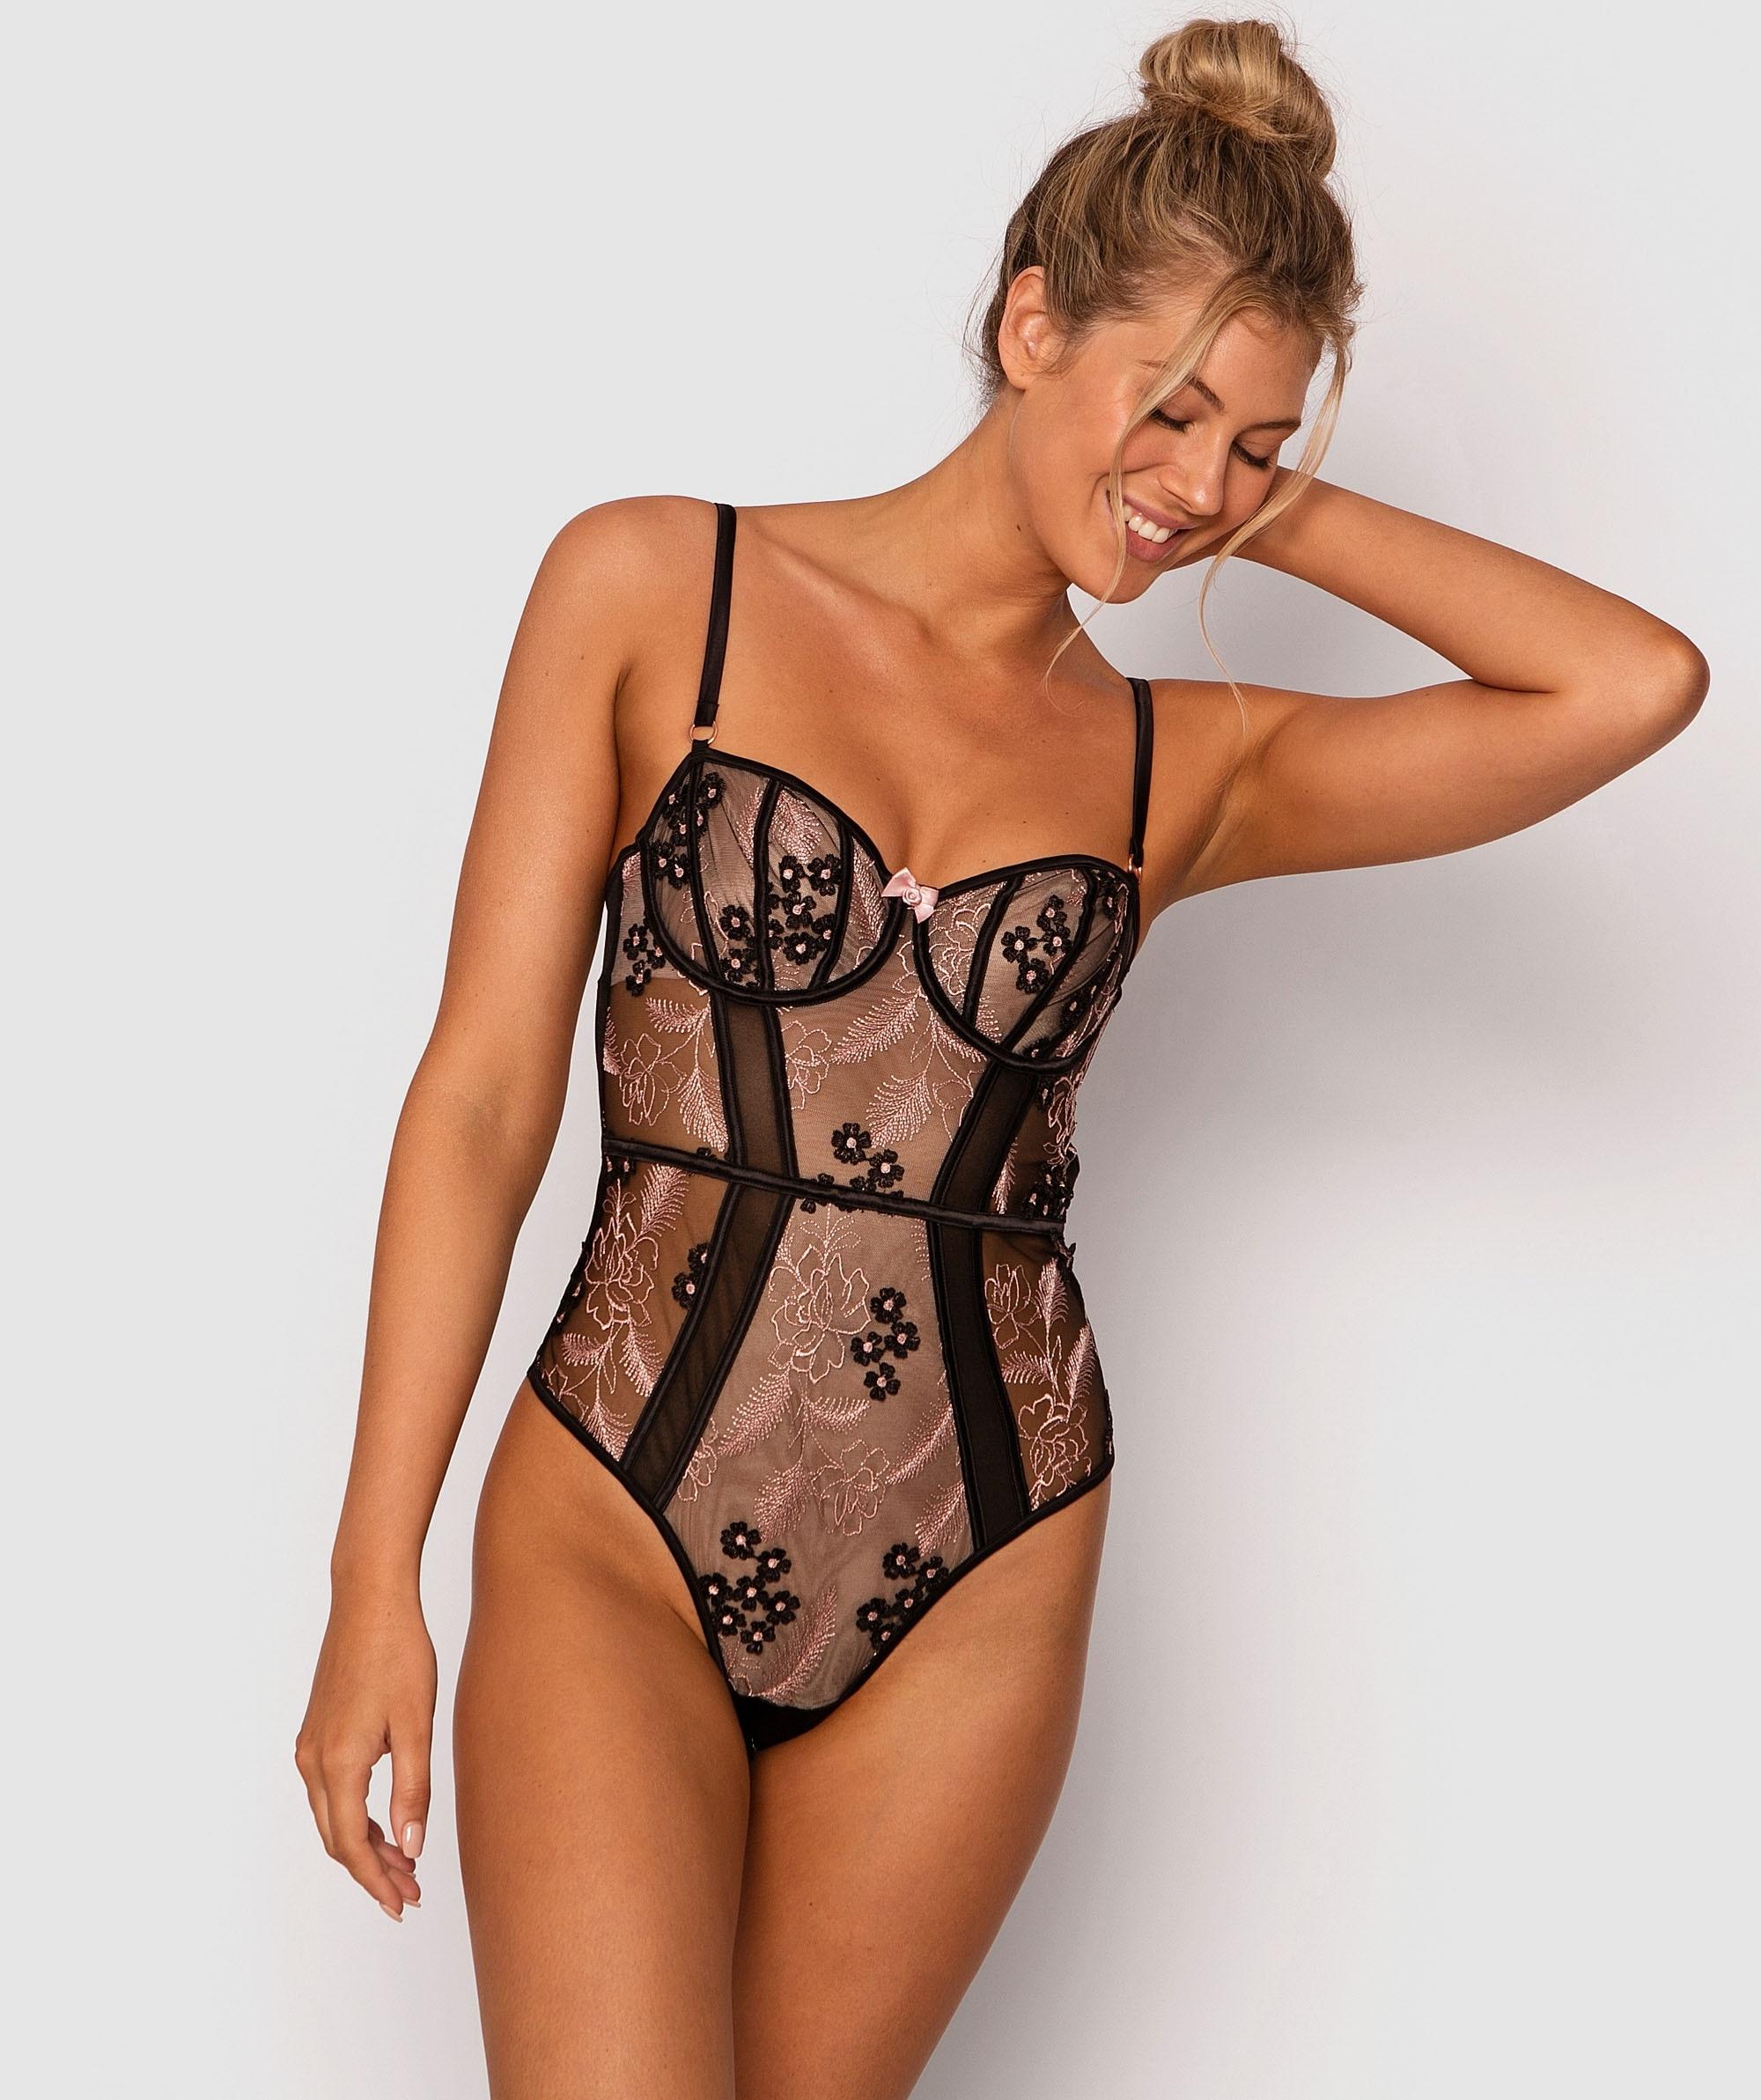 Enchanted Orleans Bodysuit - Black/Rose Gold